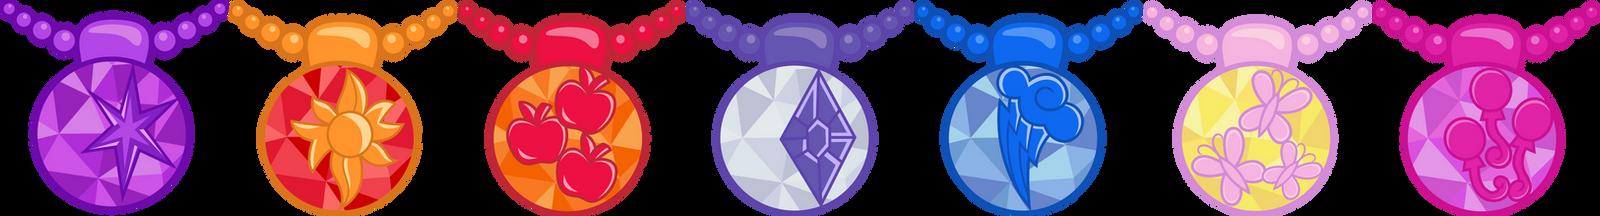 EQG Crystal Necklaces